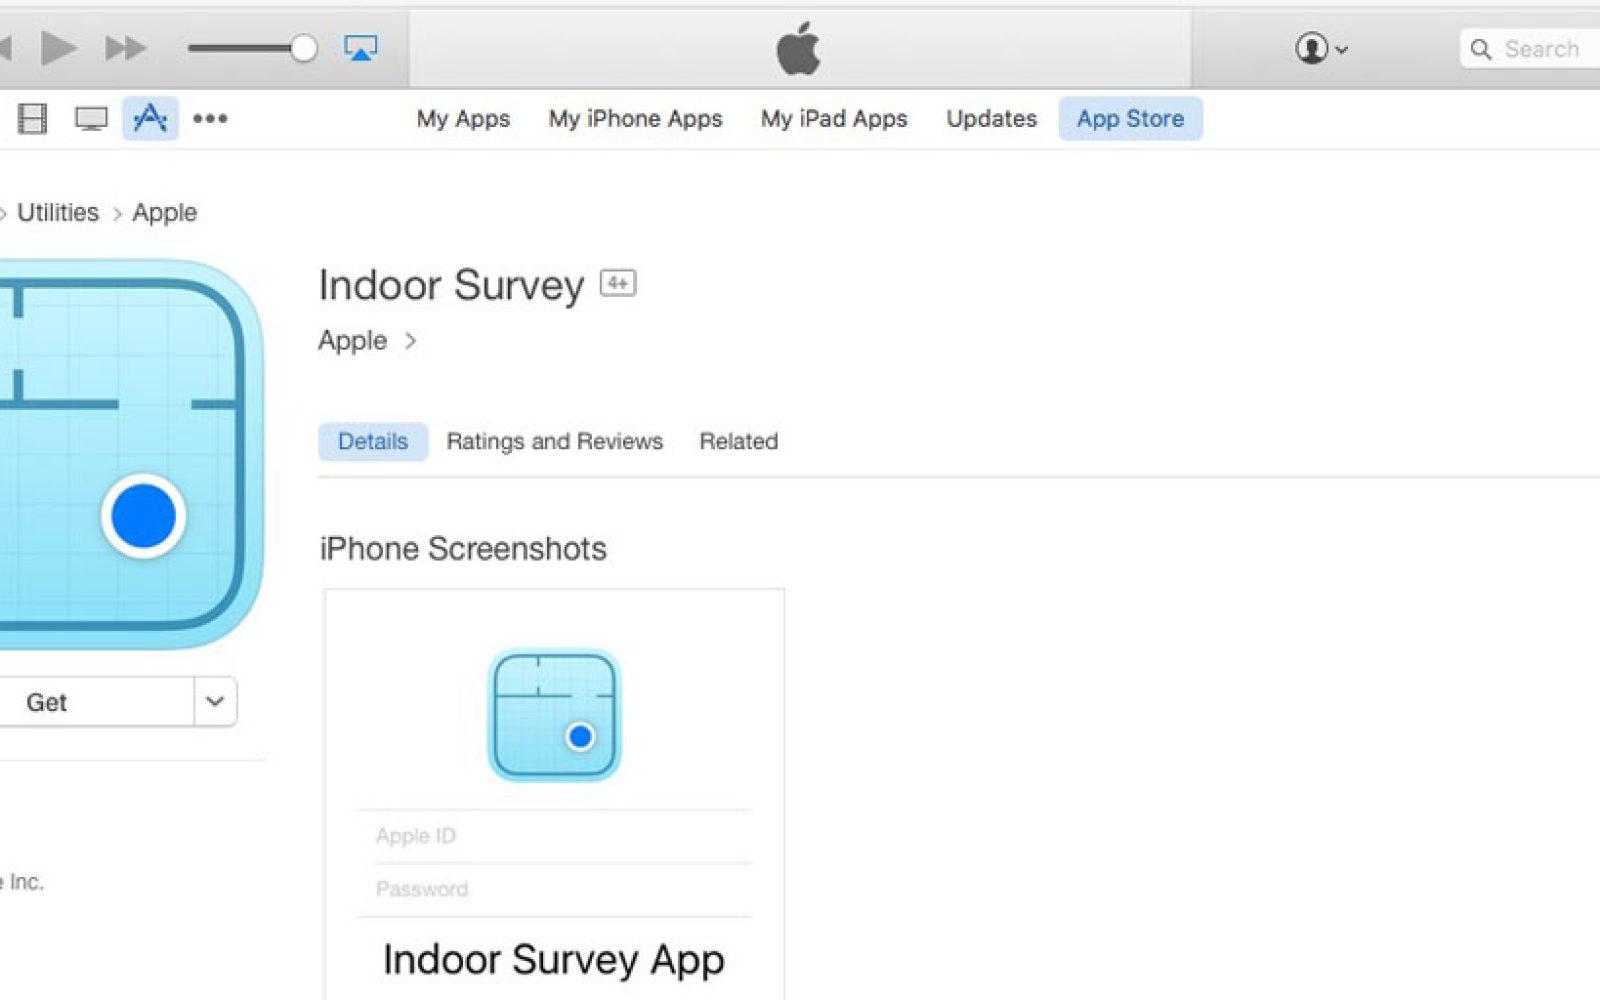 Apple has a hidden 'indoor GPS' app in the App Store, for